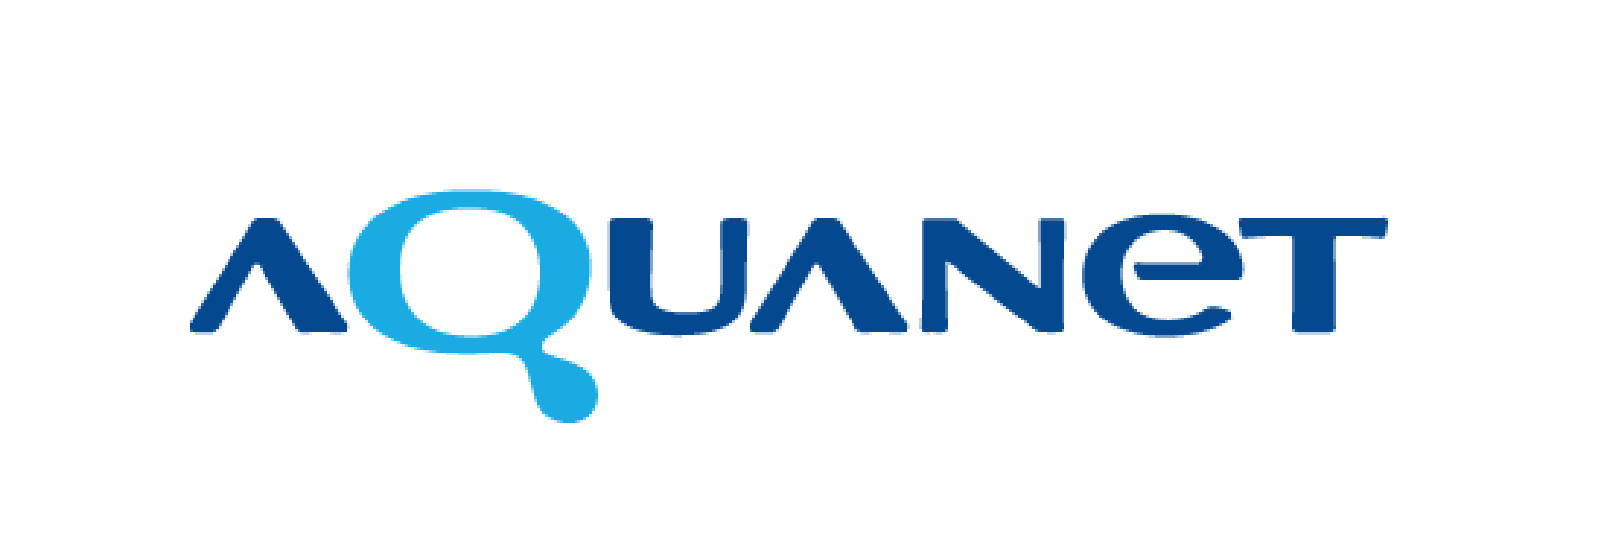 Aquanet logo